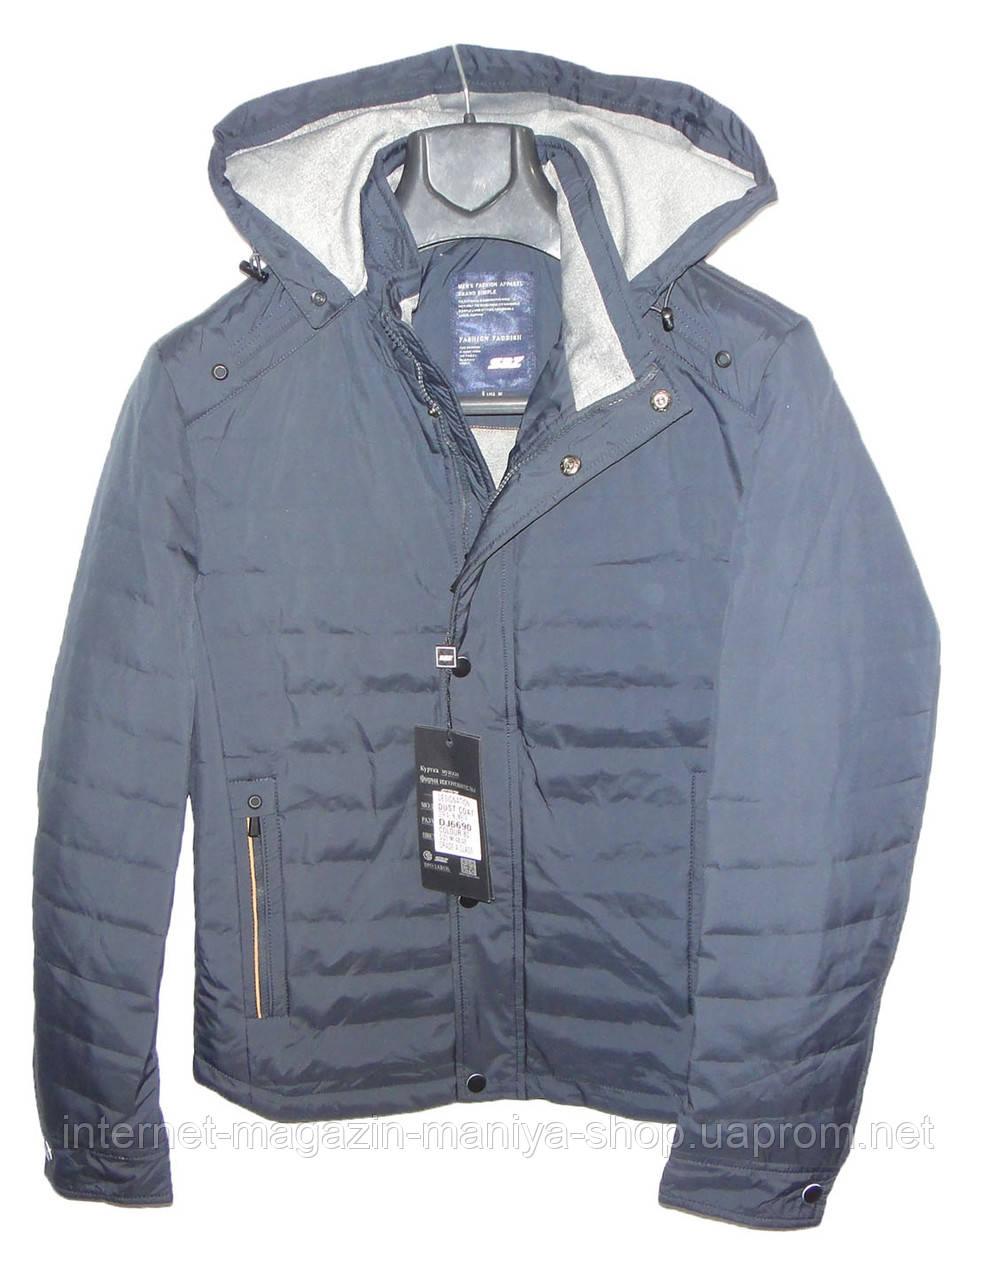 Куртка мужская DJ6690 с капюшоном (деми)